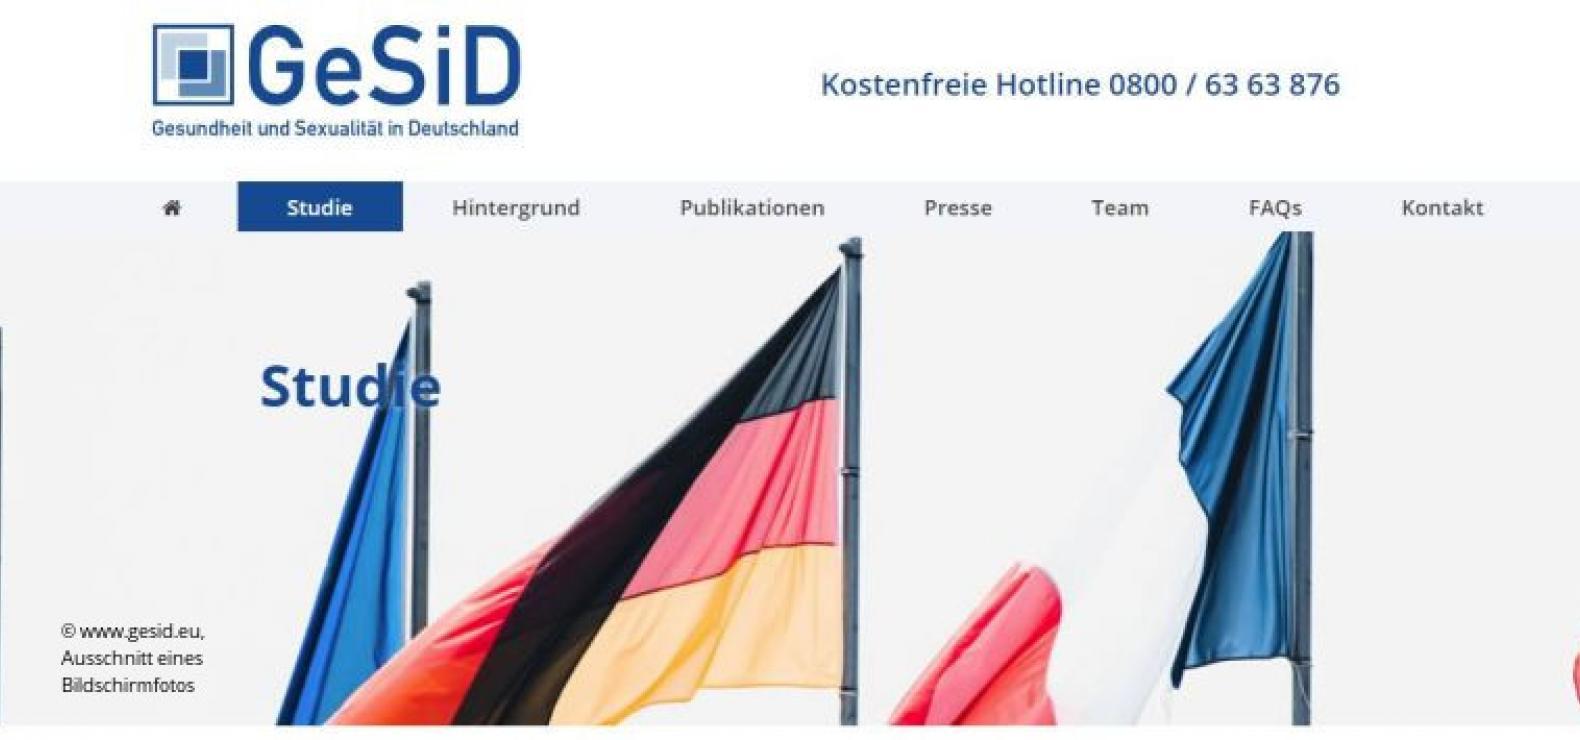 GeSiD Gesundheit und Sexualität in Deutschland